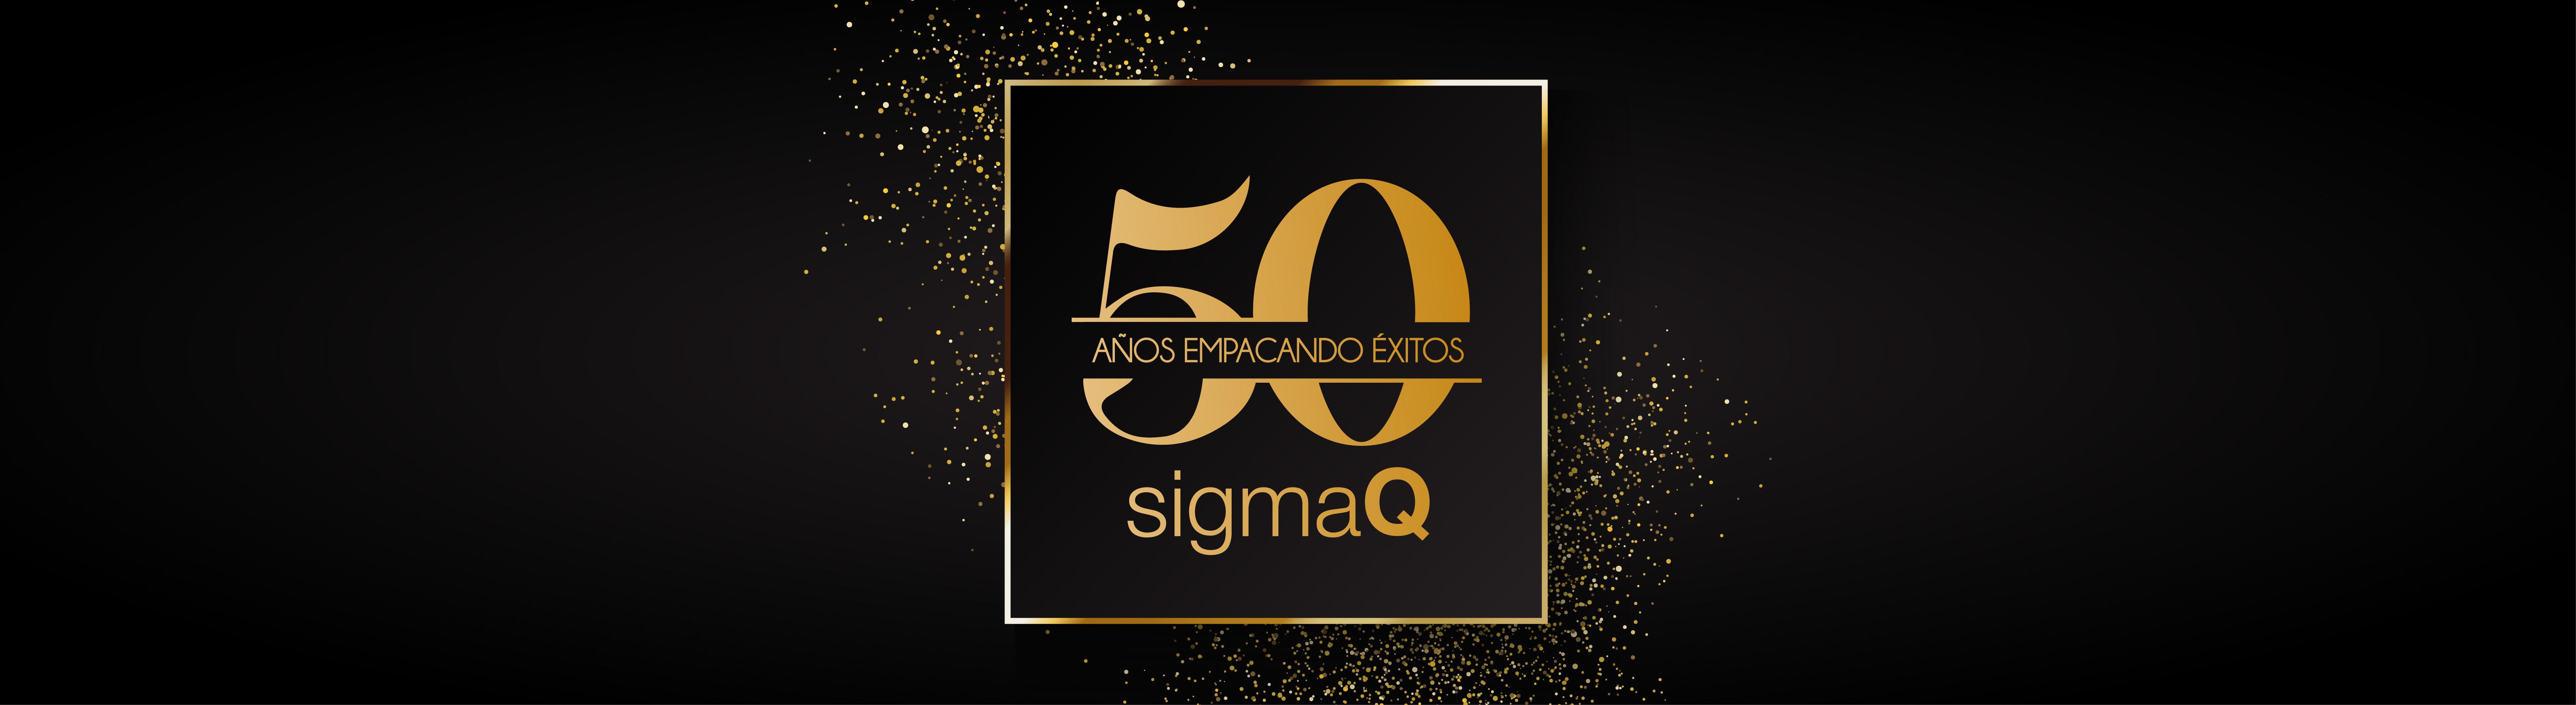 SigmaQ celebra su 50 aniversario